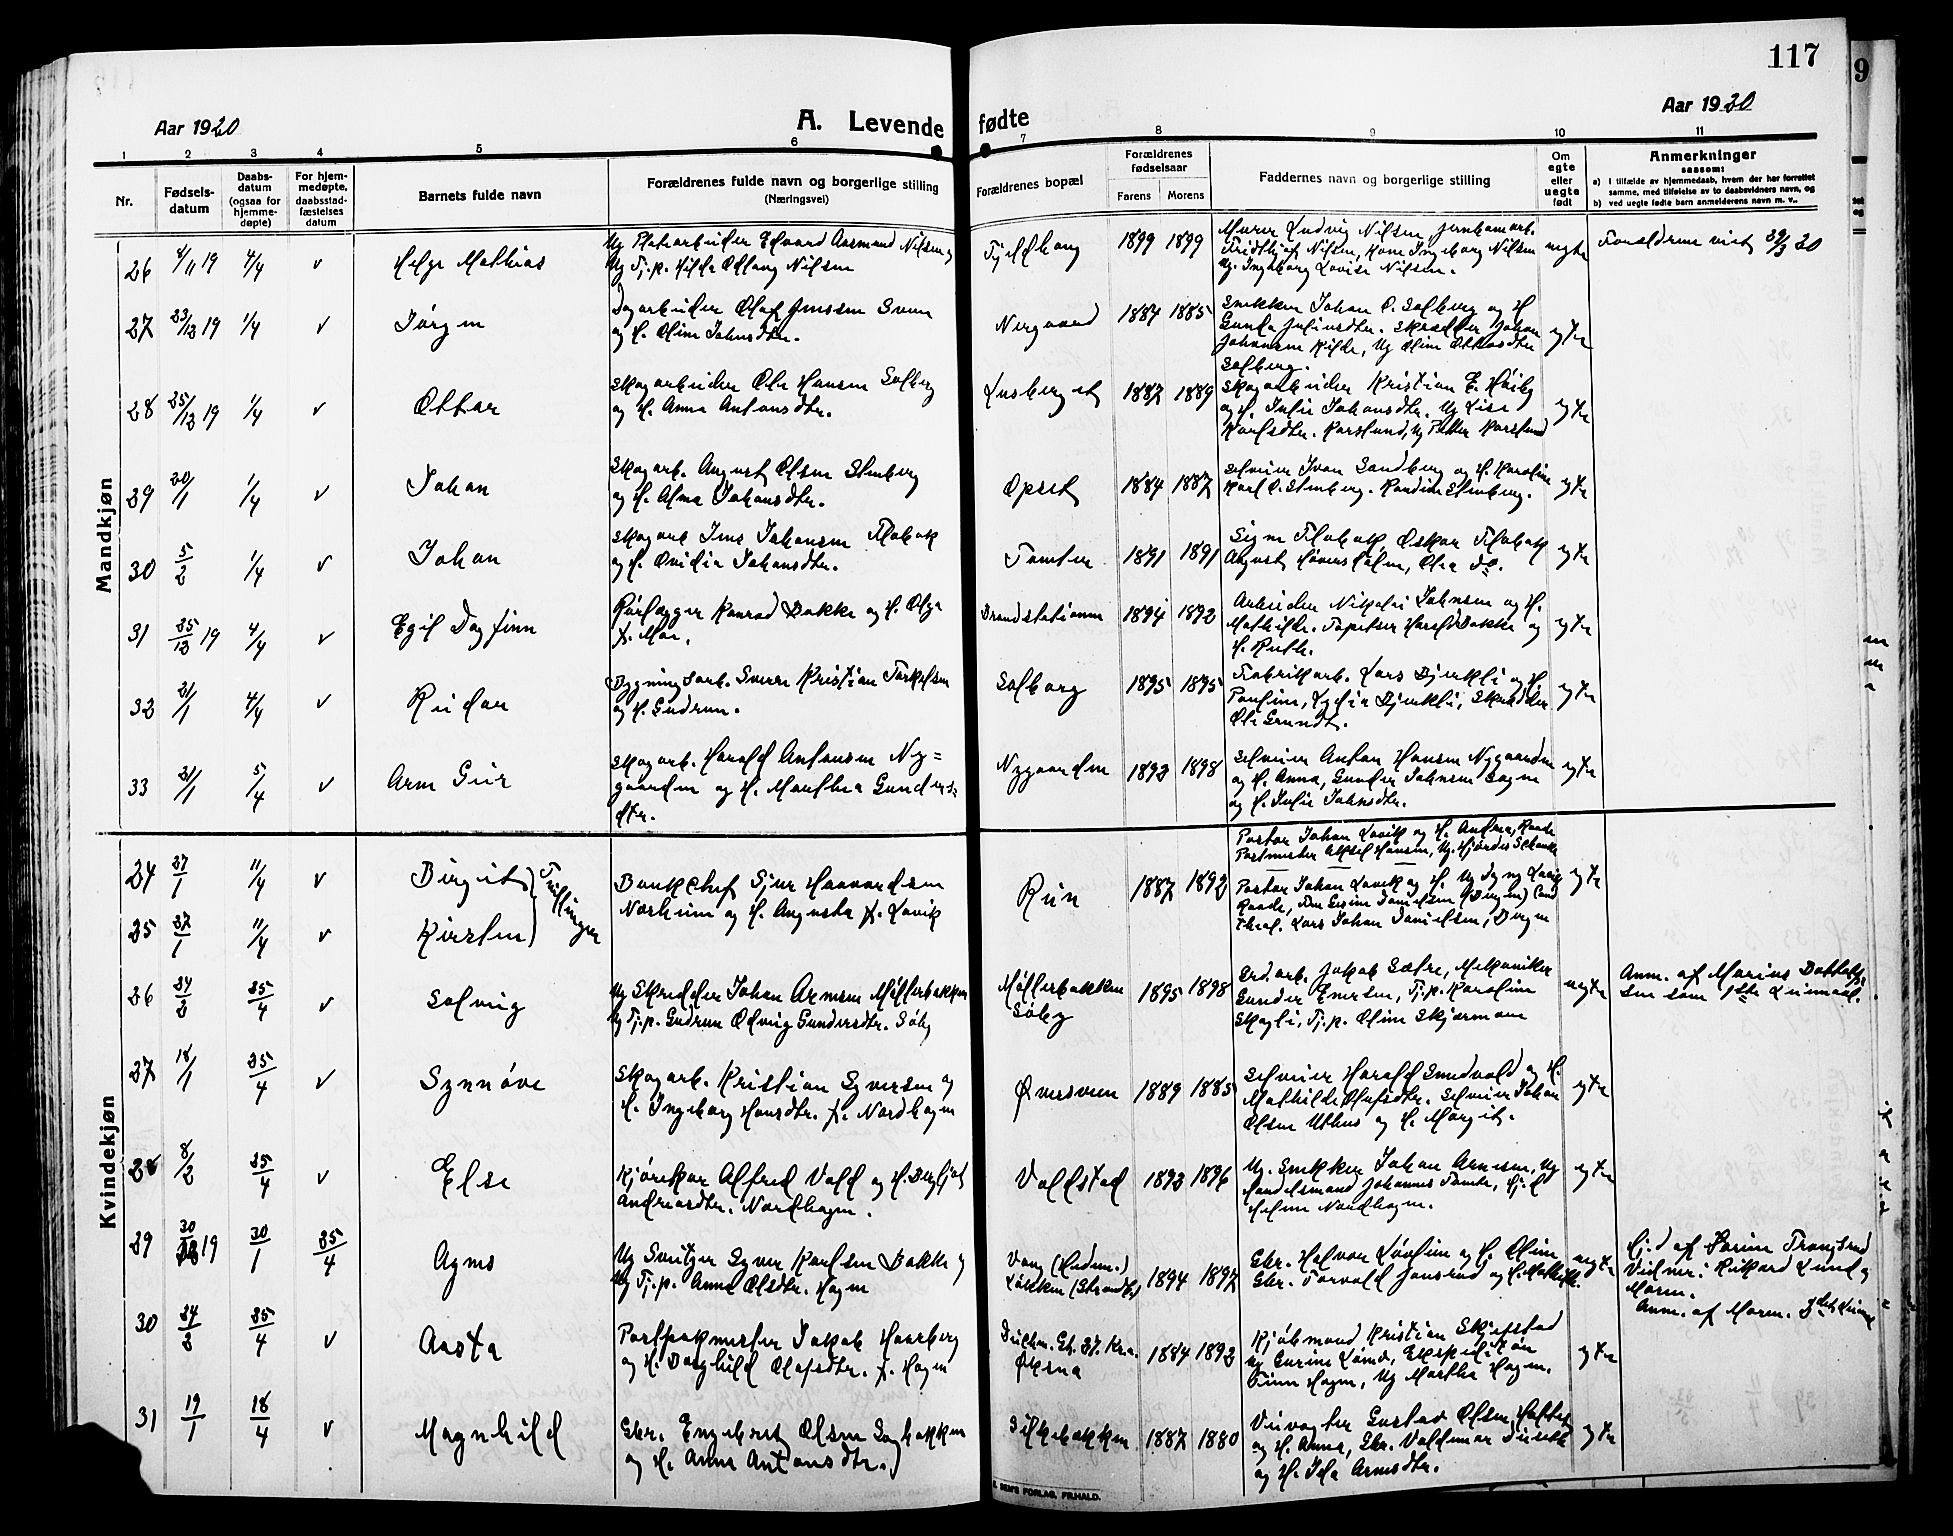 SAH, Elverum prestekontor, H/Ha/Hab/L0010: Klokkerbok nr. 10, 1912-1922, s. 117